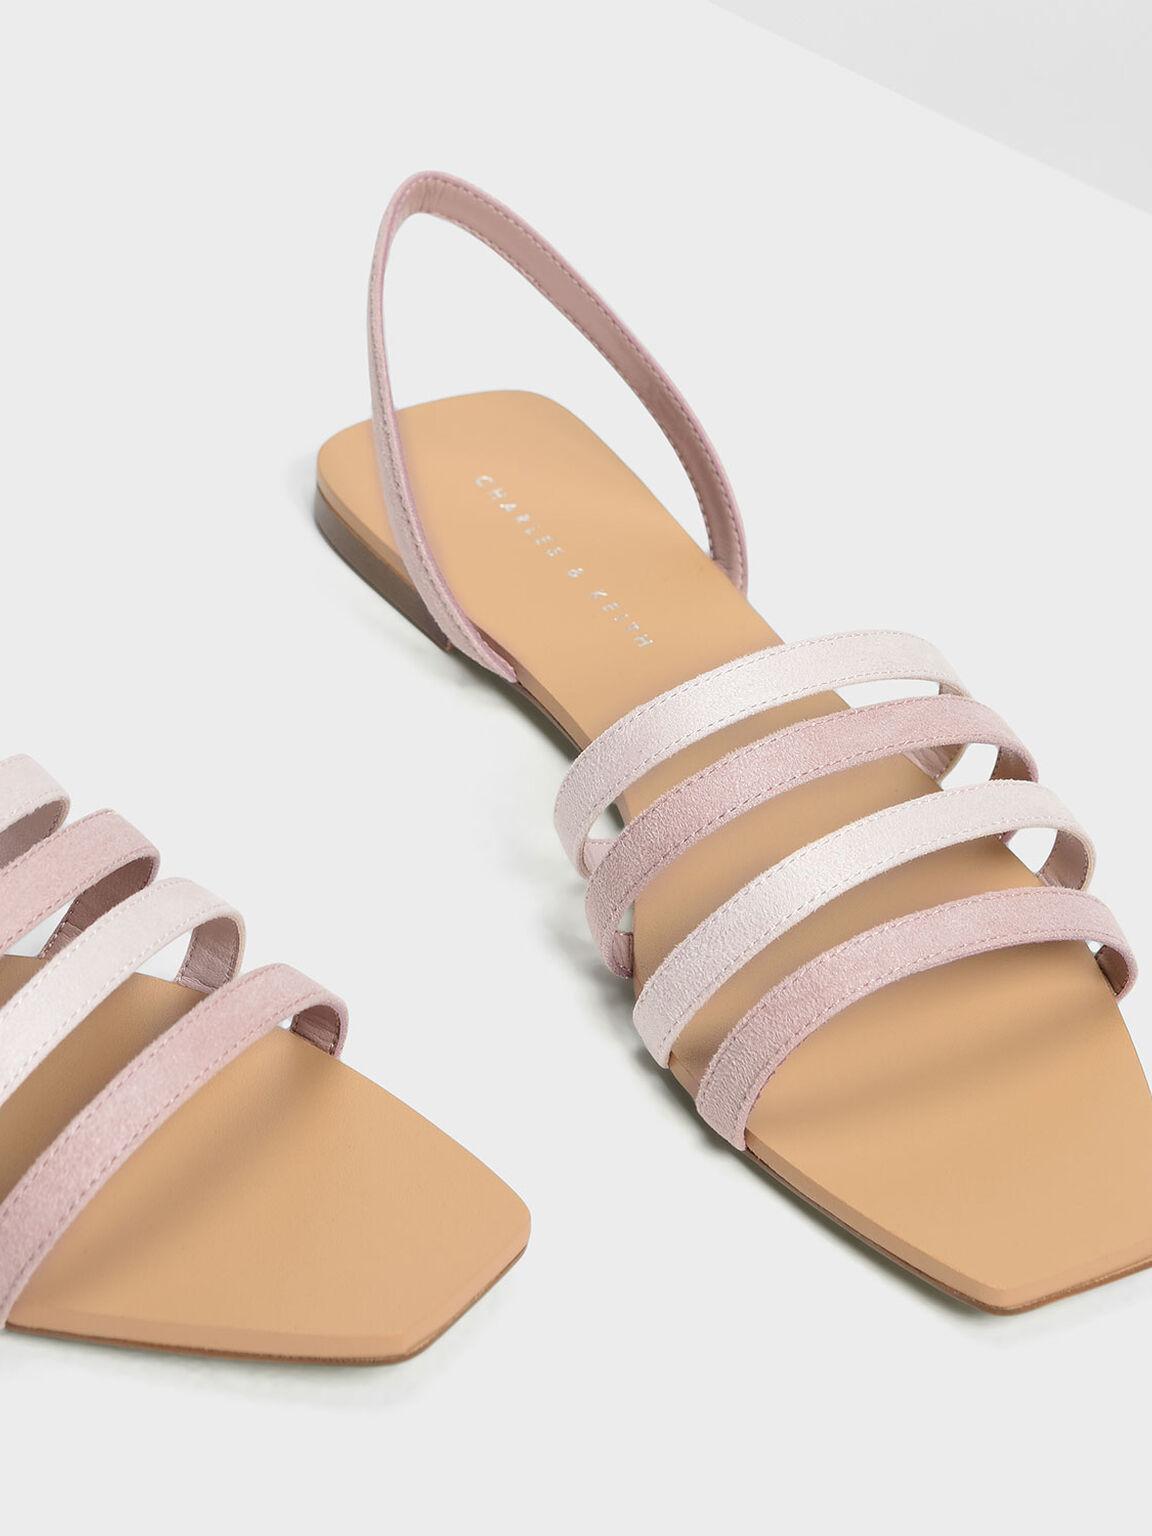 4-bar Sandals, Blush, hi-res